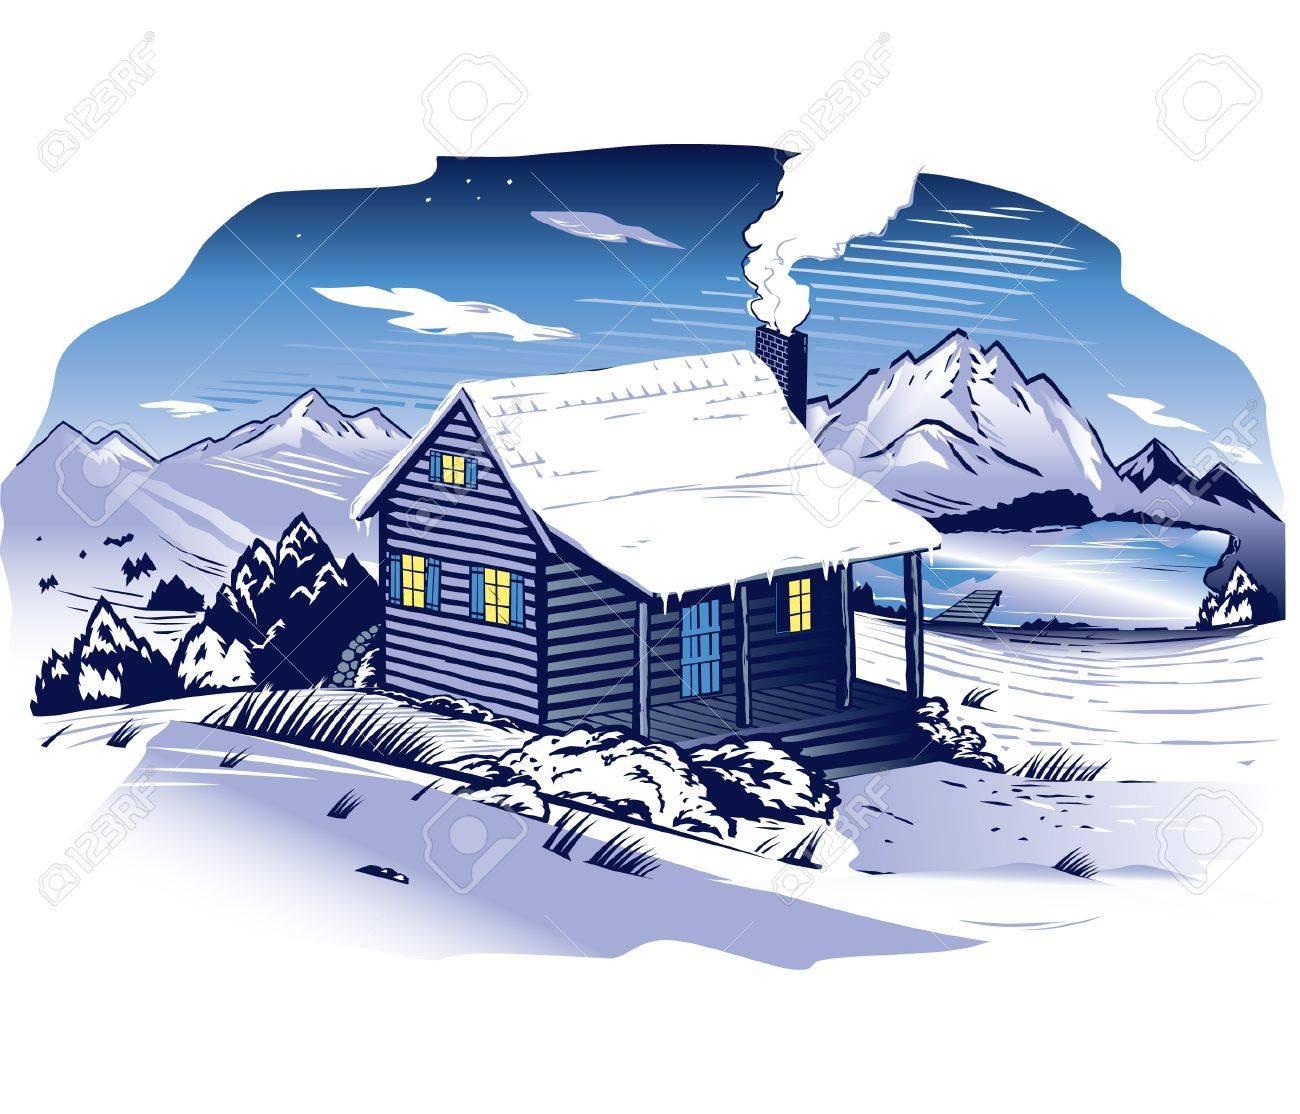 Snowy Mountainside Cabin Stock Vector - 13142608